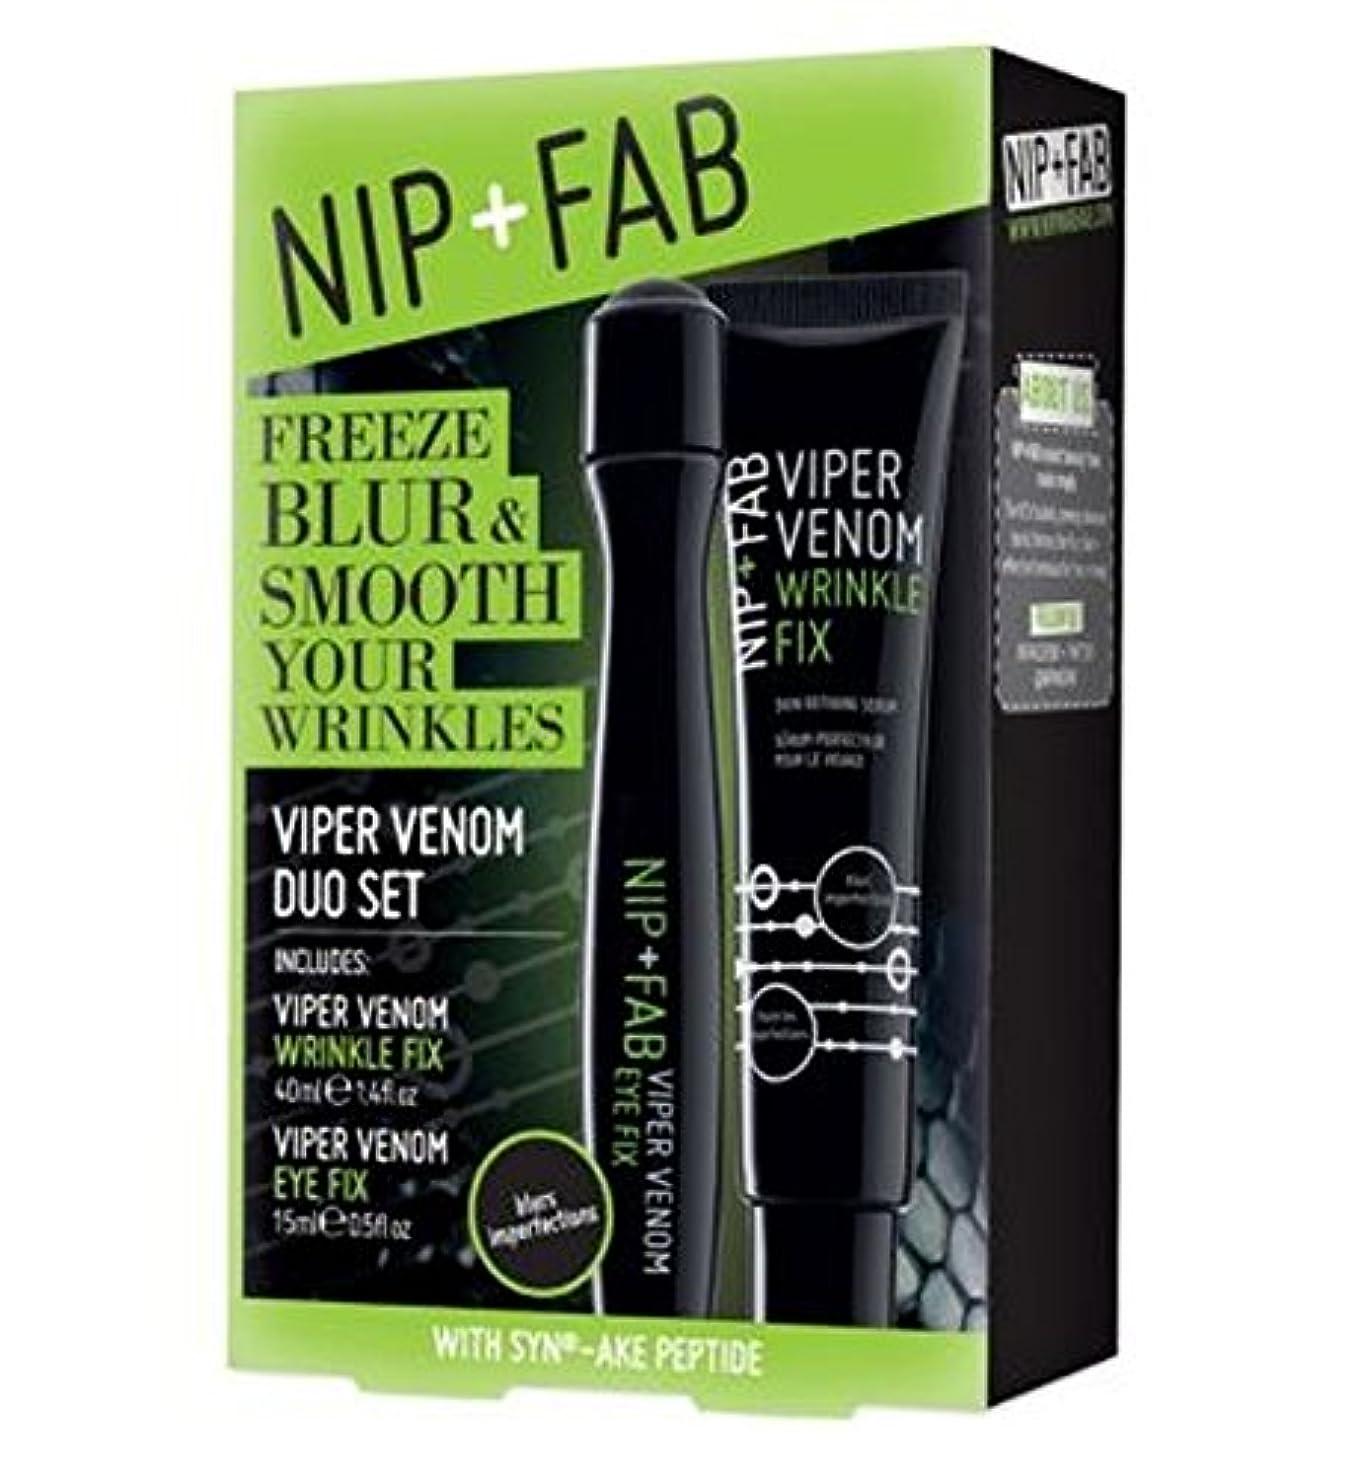 ロシア押し下げる傾いたNip + Fab Viper Venom Face and Eye Cream - +ファブ蛇毒面とアイクリームニップ (Nip & Fab) [並行輸入品]